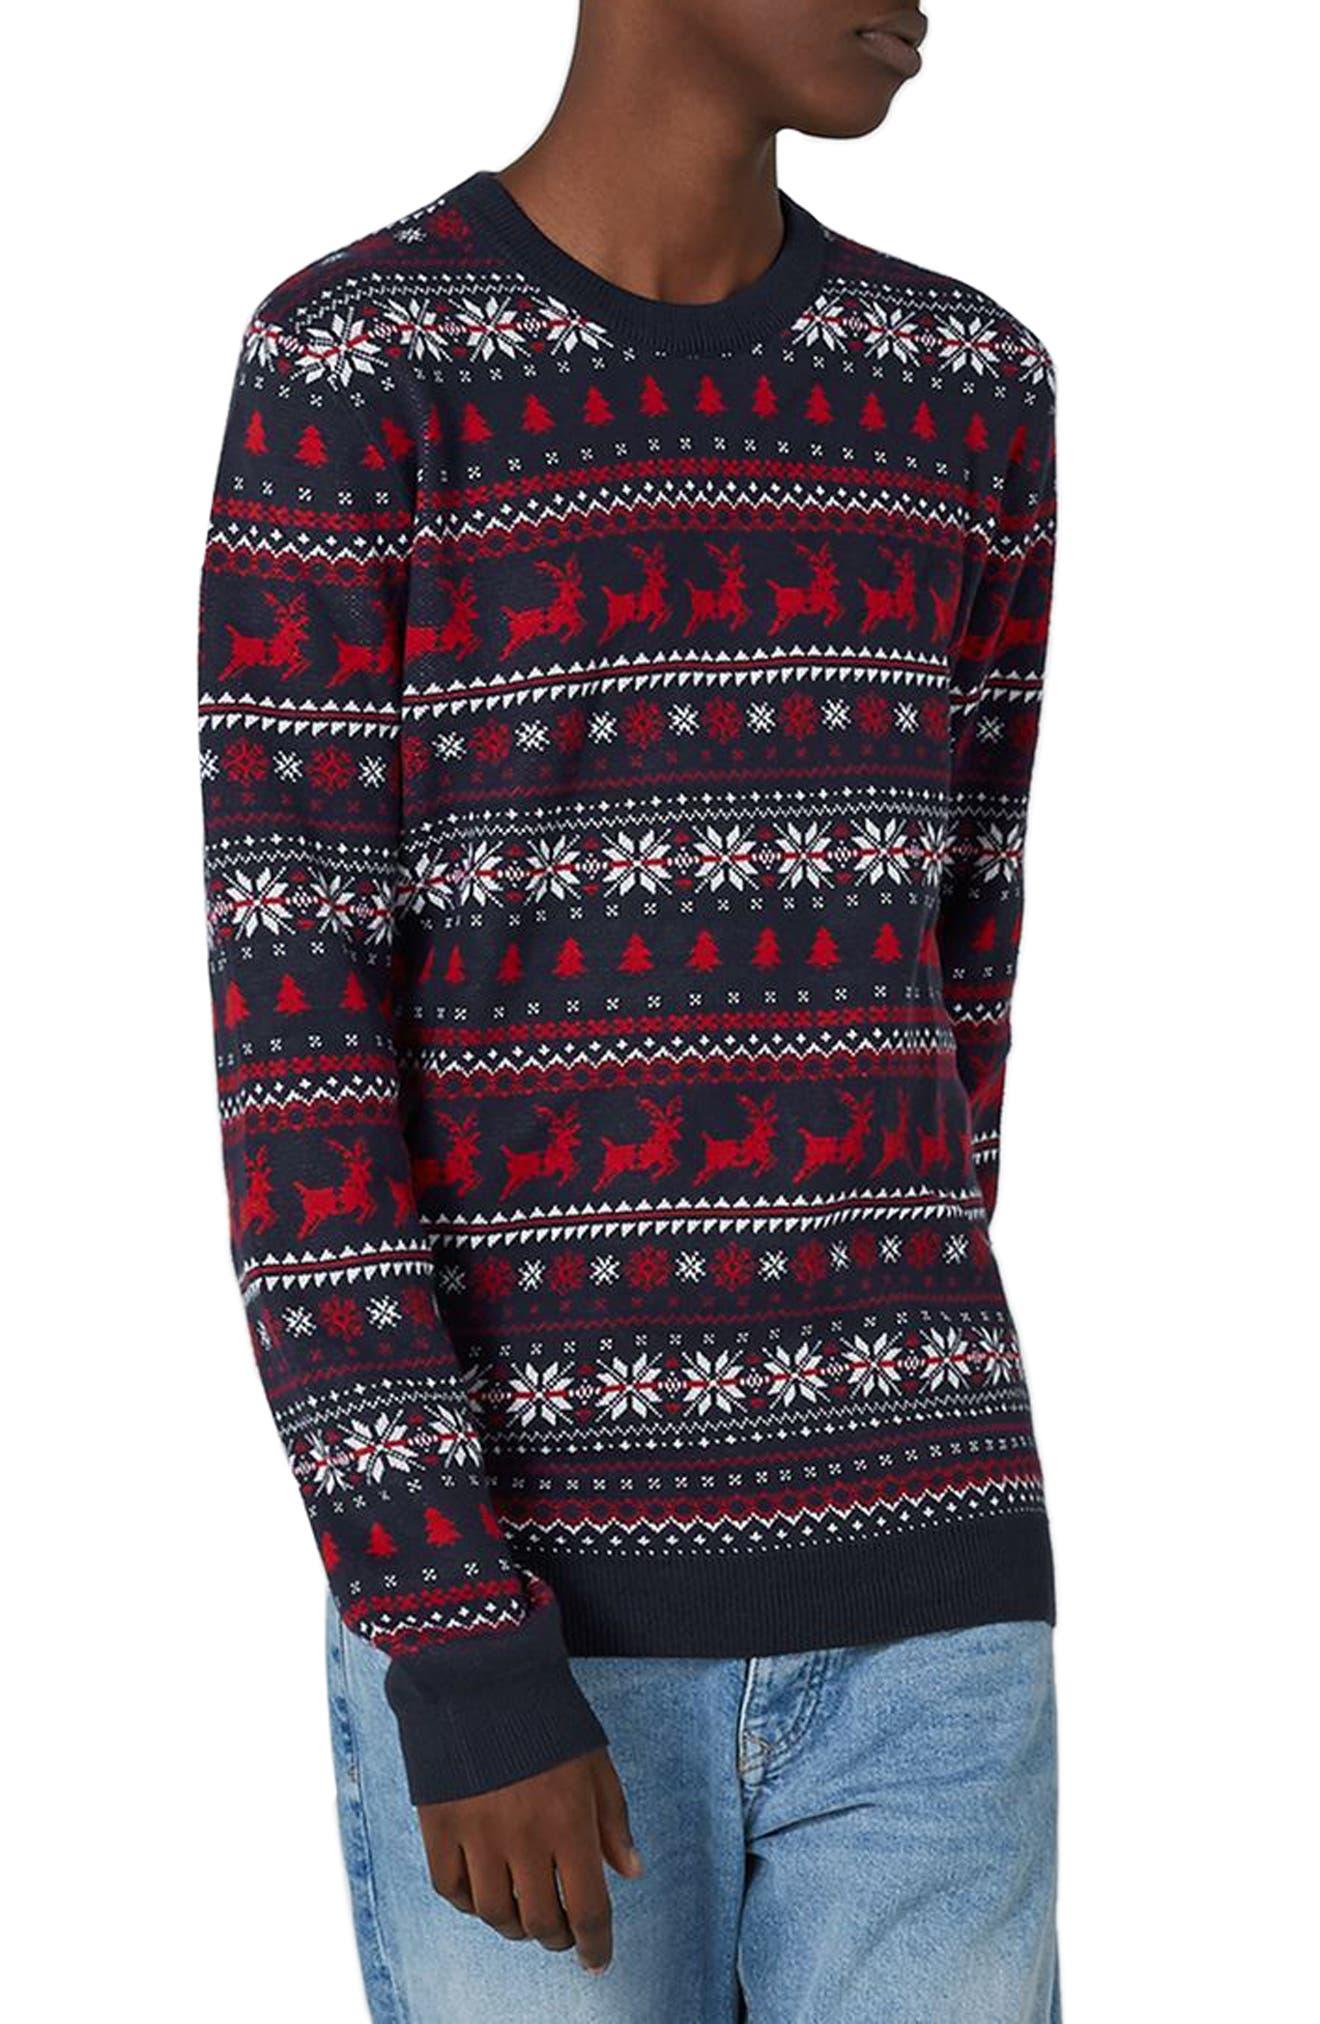 Topman Fair Isle Sweater